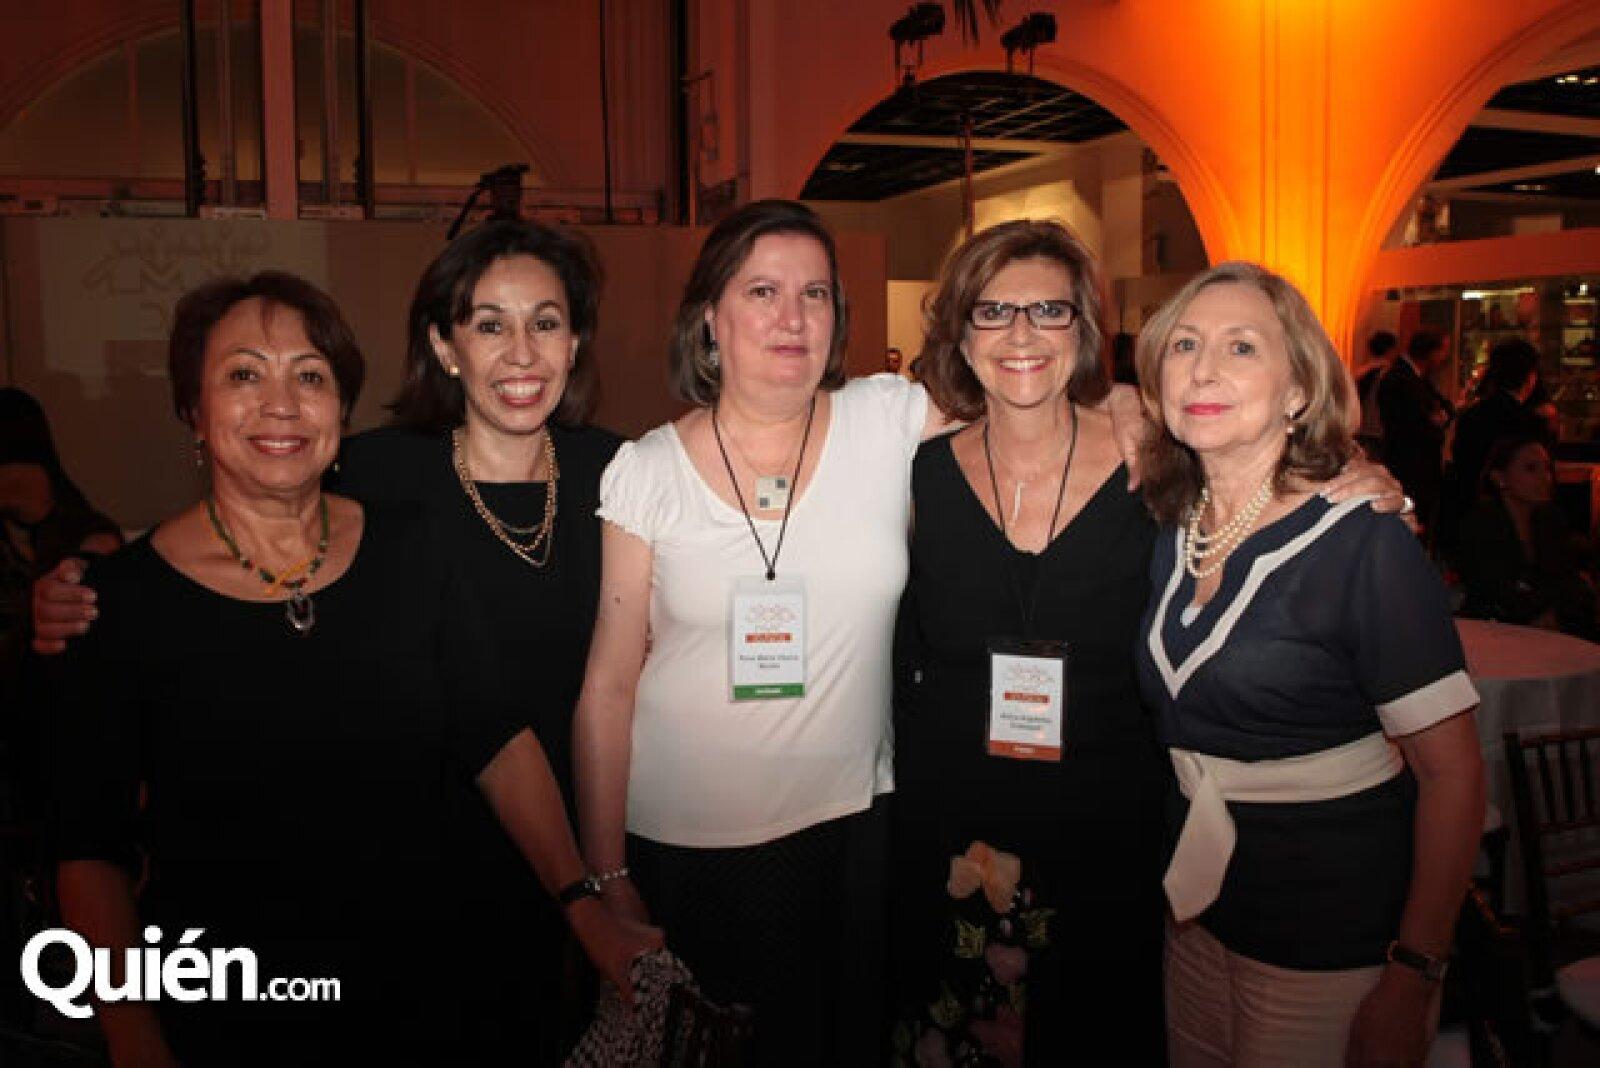 Imelda Campuzano, Martha Romero, Rosa María Viesca, Alicia Arguelles y Carmen Millé